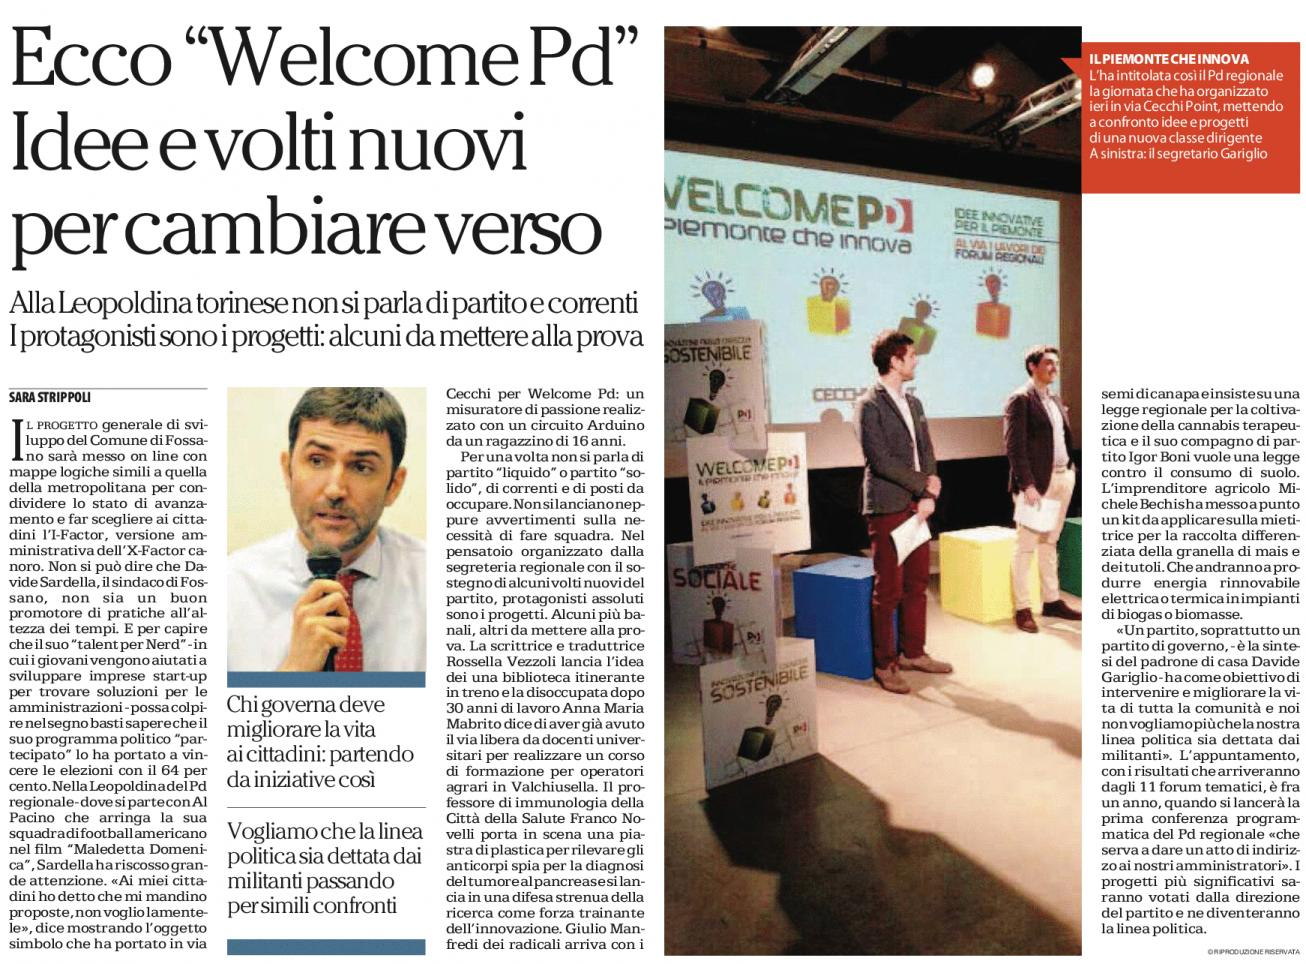 30_11_Repubblica_welcome_pd